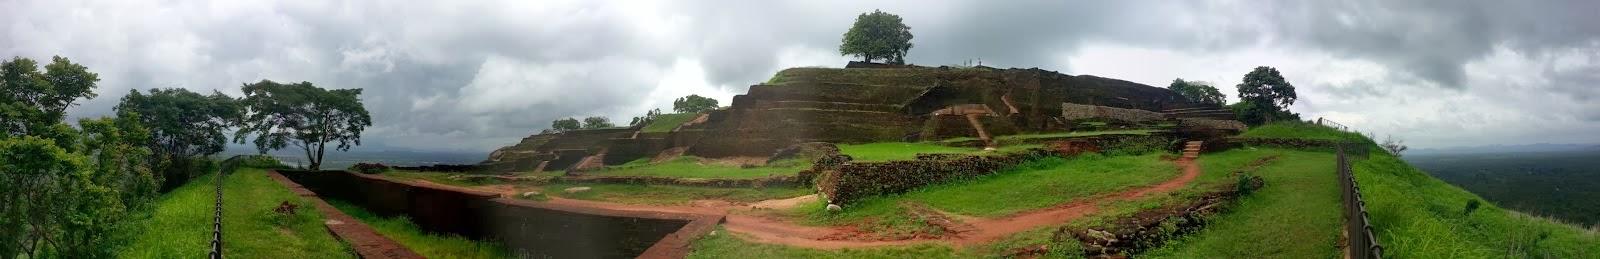 Панорамная фотография вершины Сигирии, ступенчатая пирамида, руины дворца, чертоги короля, развалины стен, сады Эдема